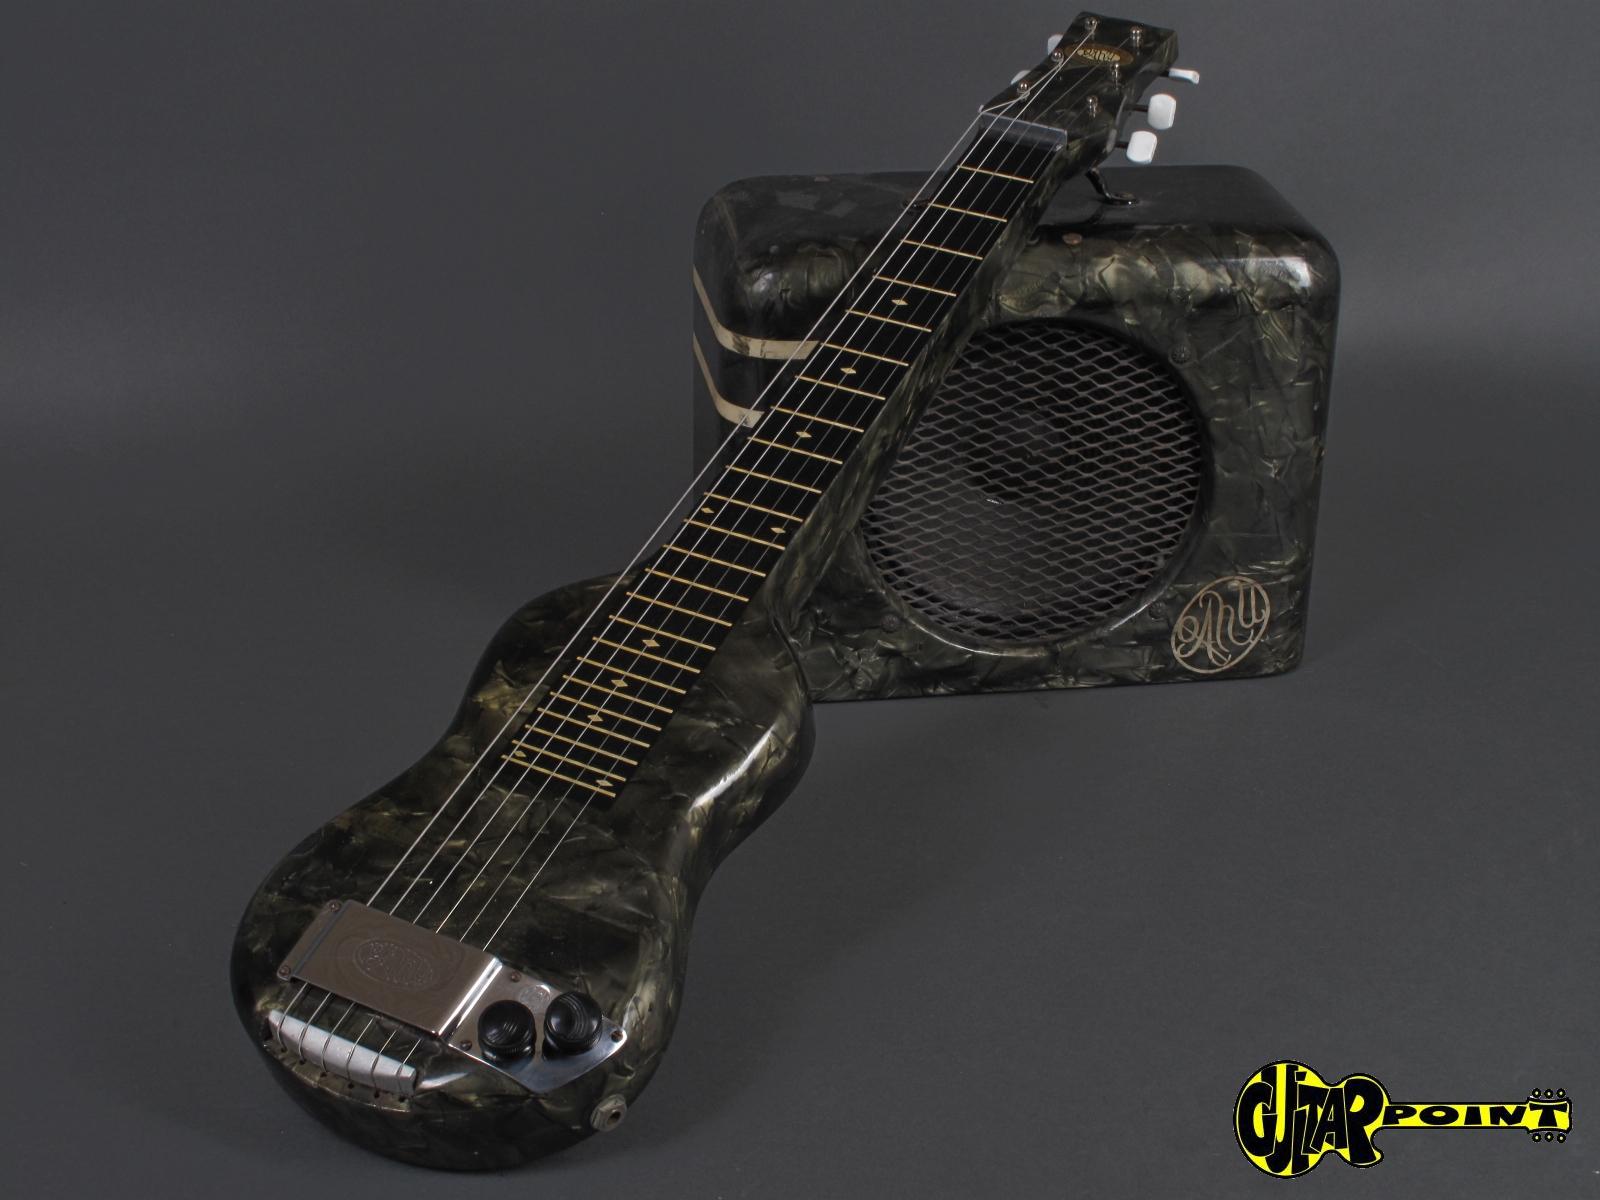 https://guitarpoint.de/app/uploads/products/1940-oahu-lap-steel-tube-amp/Oahu40LapAmpSet_9.jpg